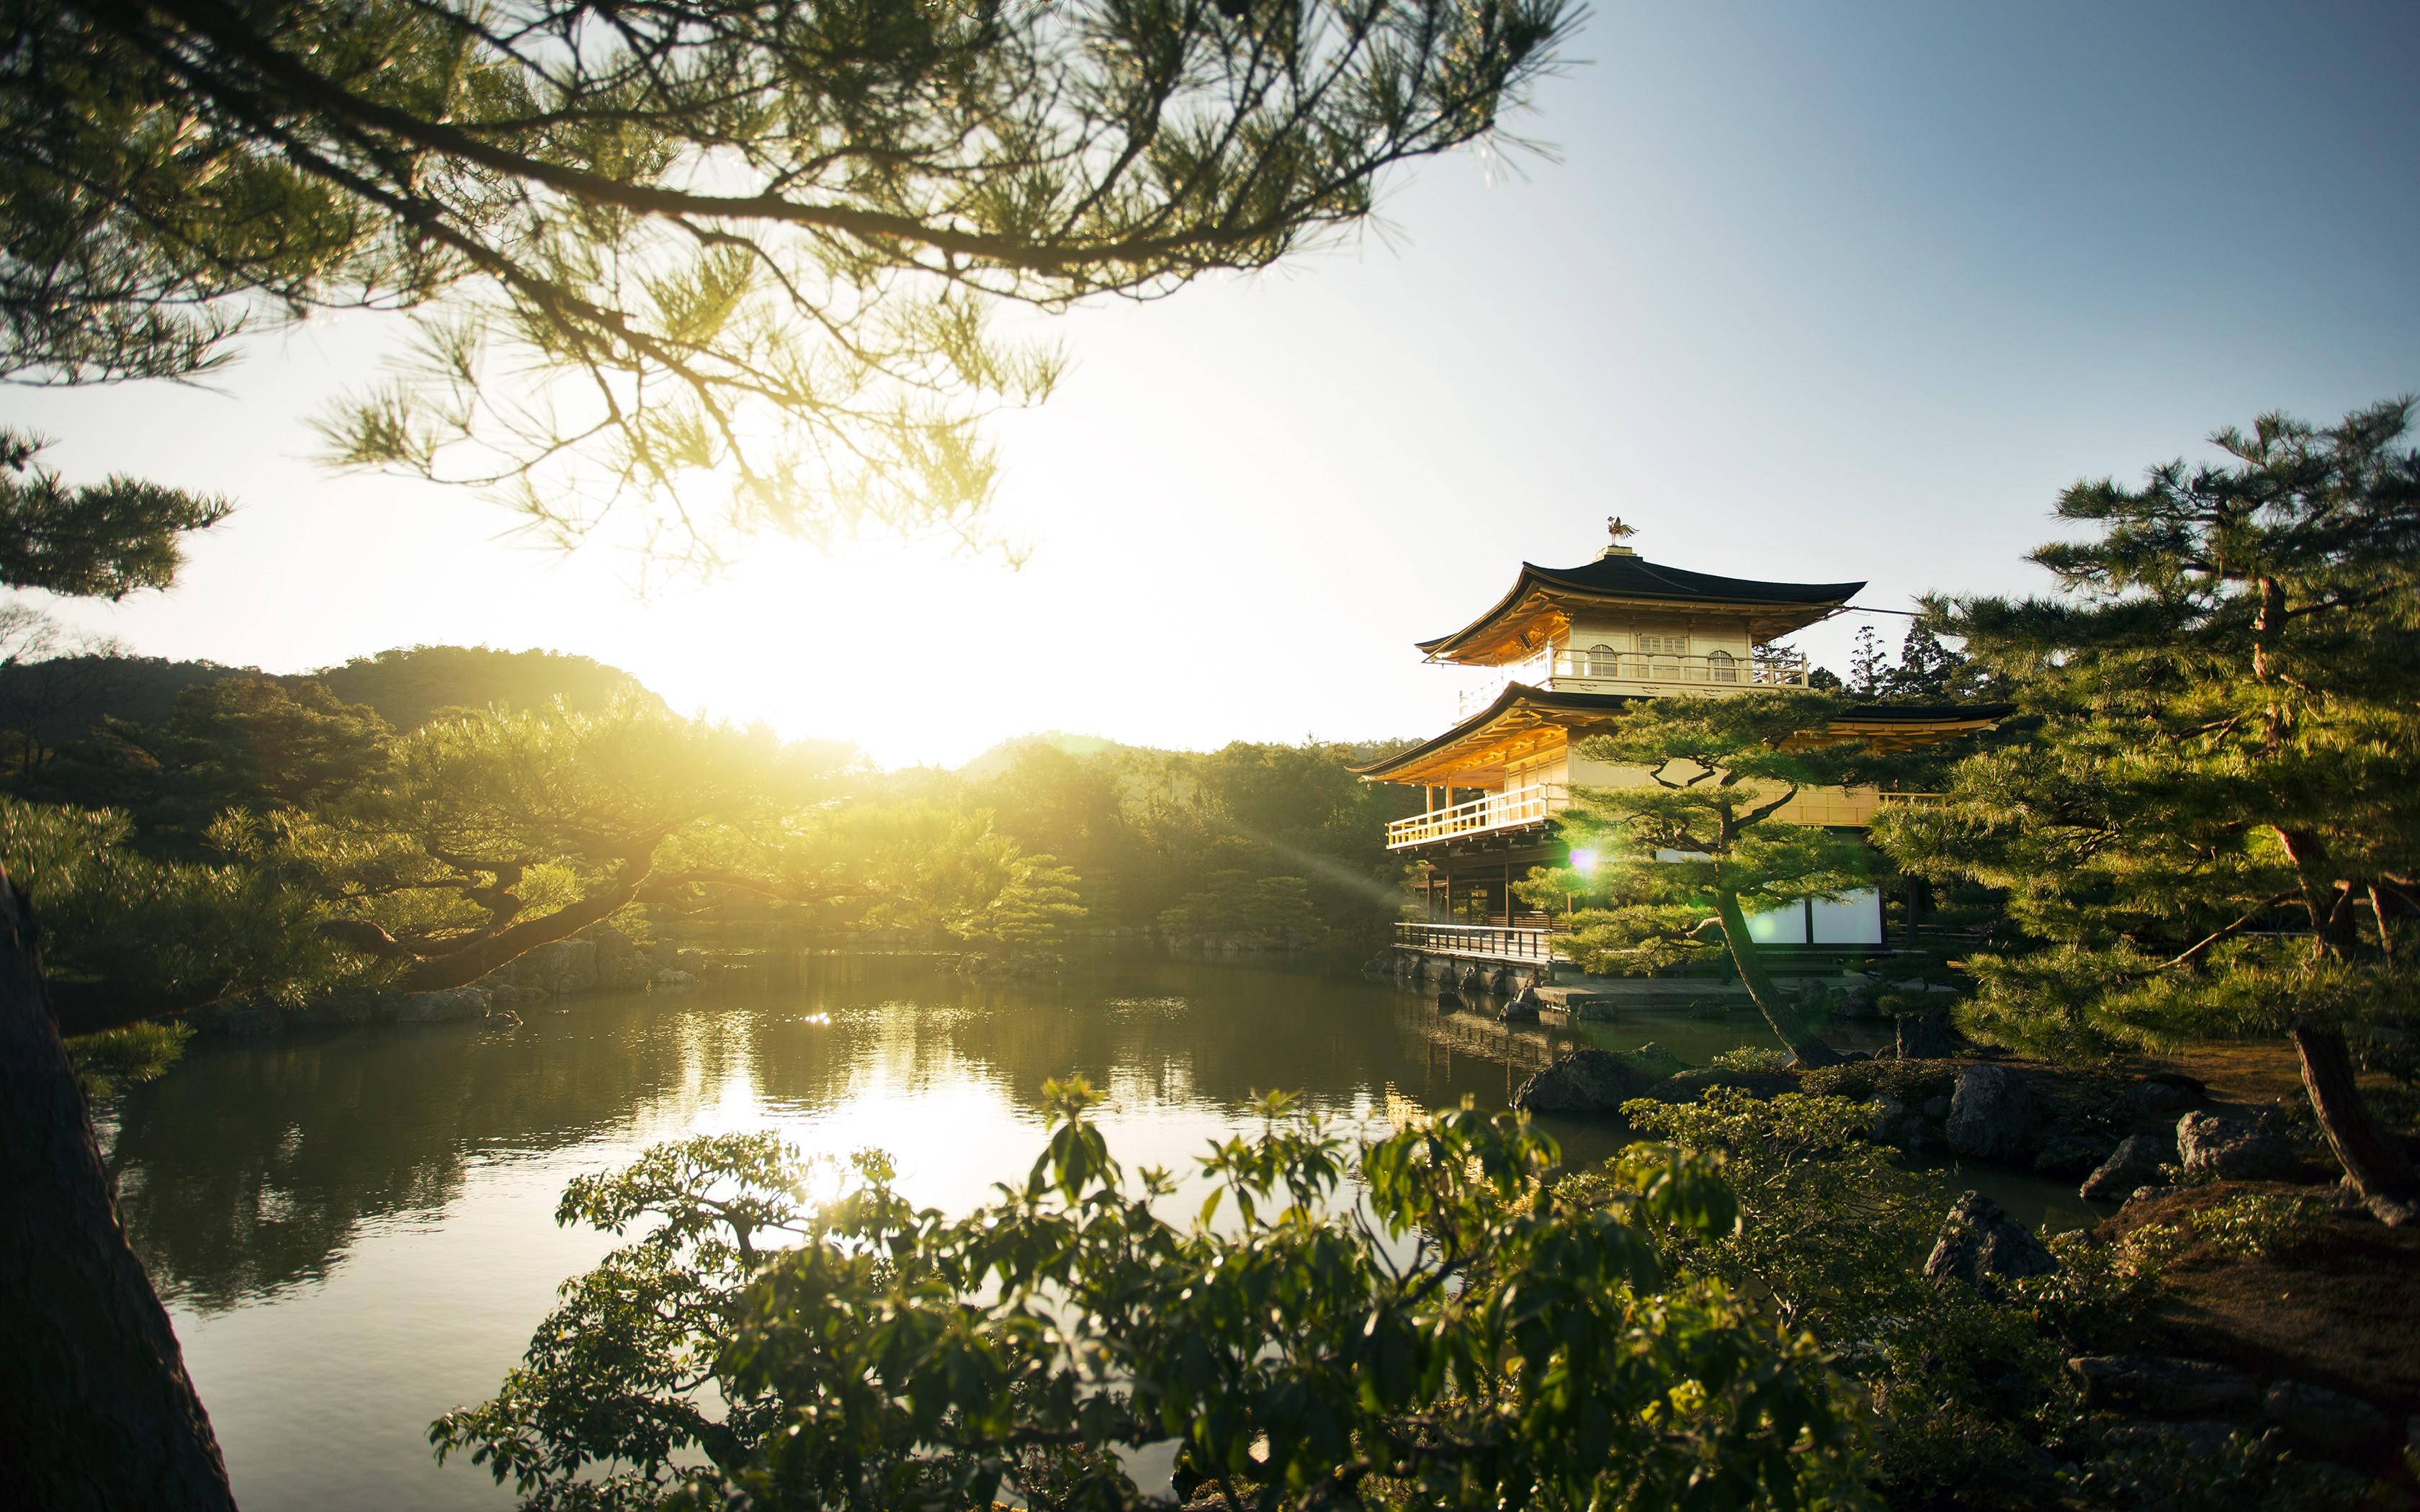 デスクトップ壁紙 日本 日光 風景 湖 水 自然 反射 パーク